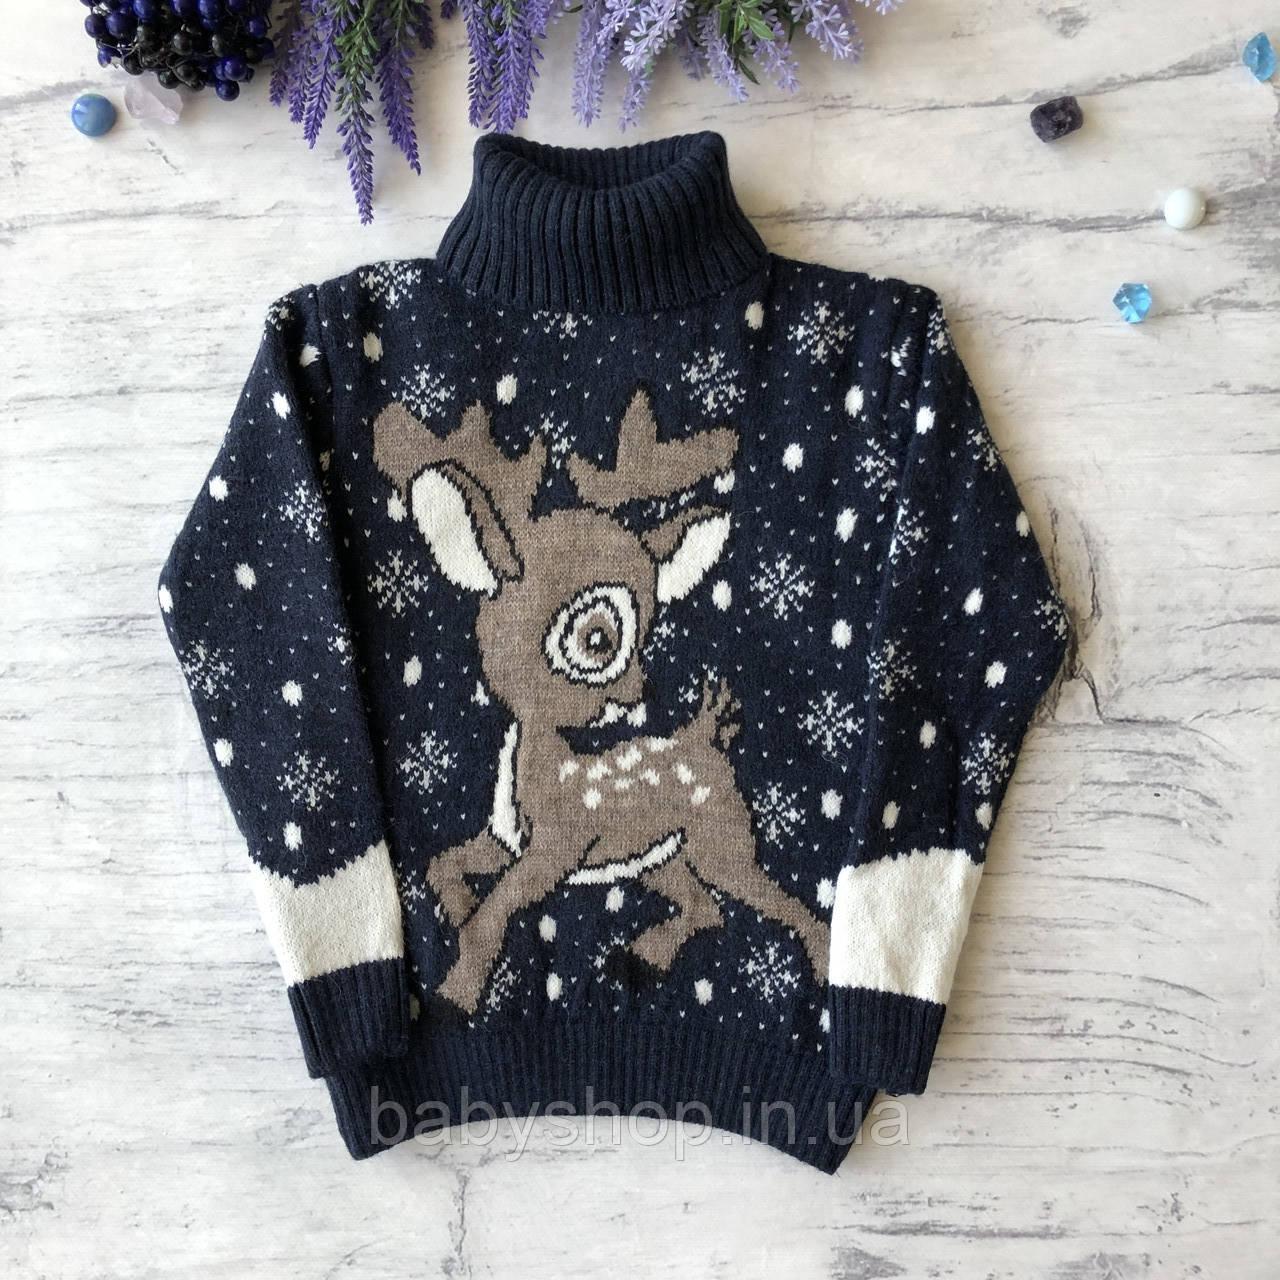 Теплый новогодний свитер на мальчика и девочку 3. Размер 2 года (92 см), 3 года, 4 года, 5 лет, 6 лет